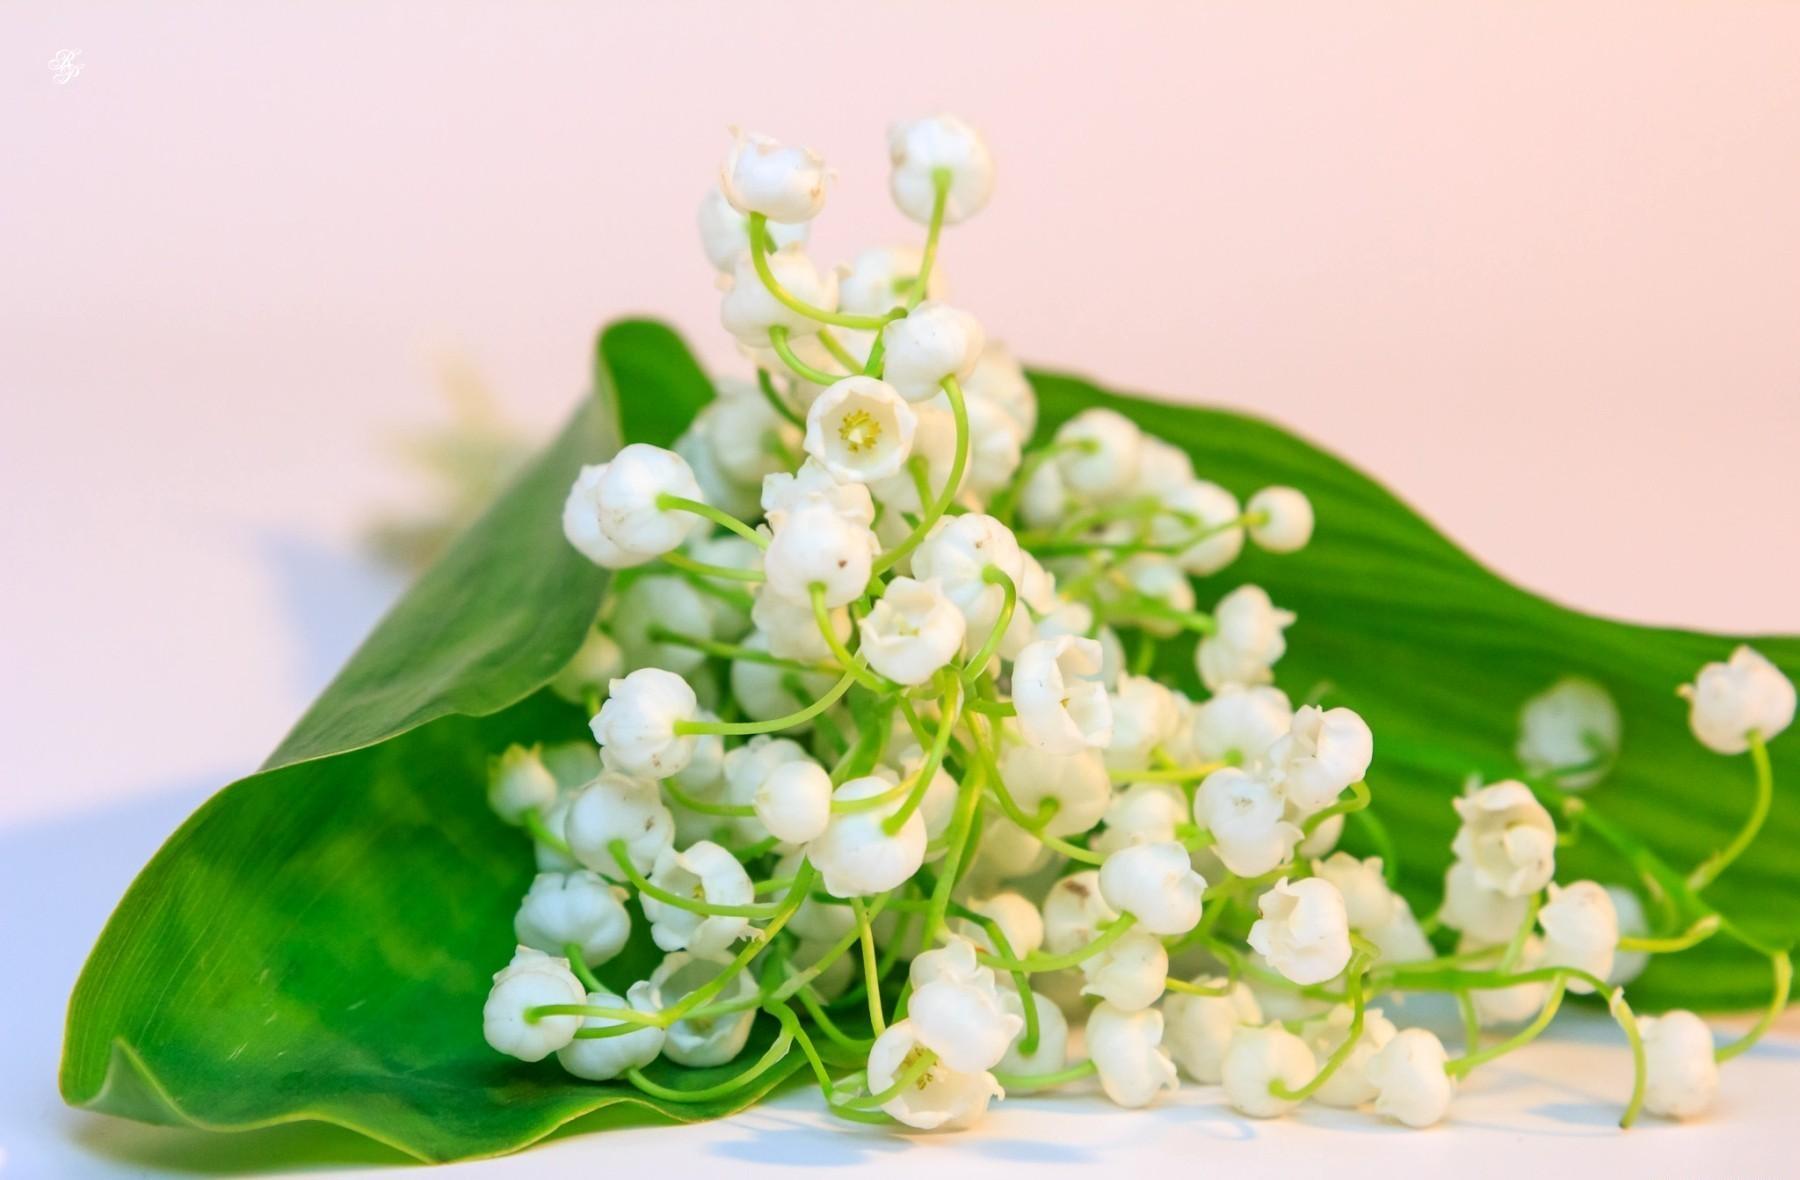 117264 免費下載壁紙 花卉, 风信子, 春天, 白雪公主, 雪白, 躺下来, 躺下, 铃兰 屏保和圖片